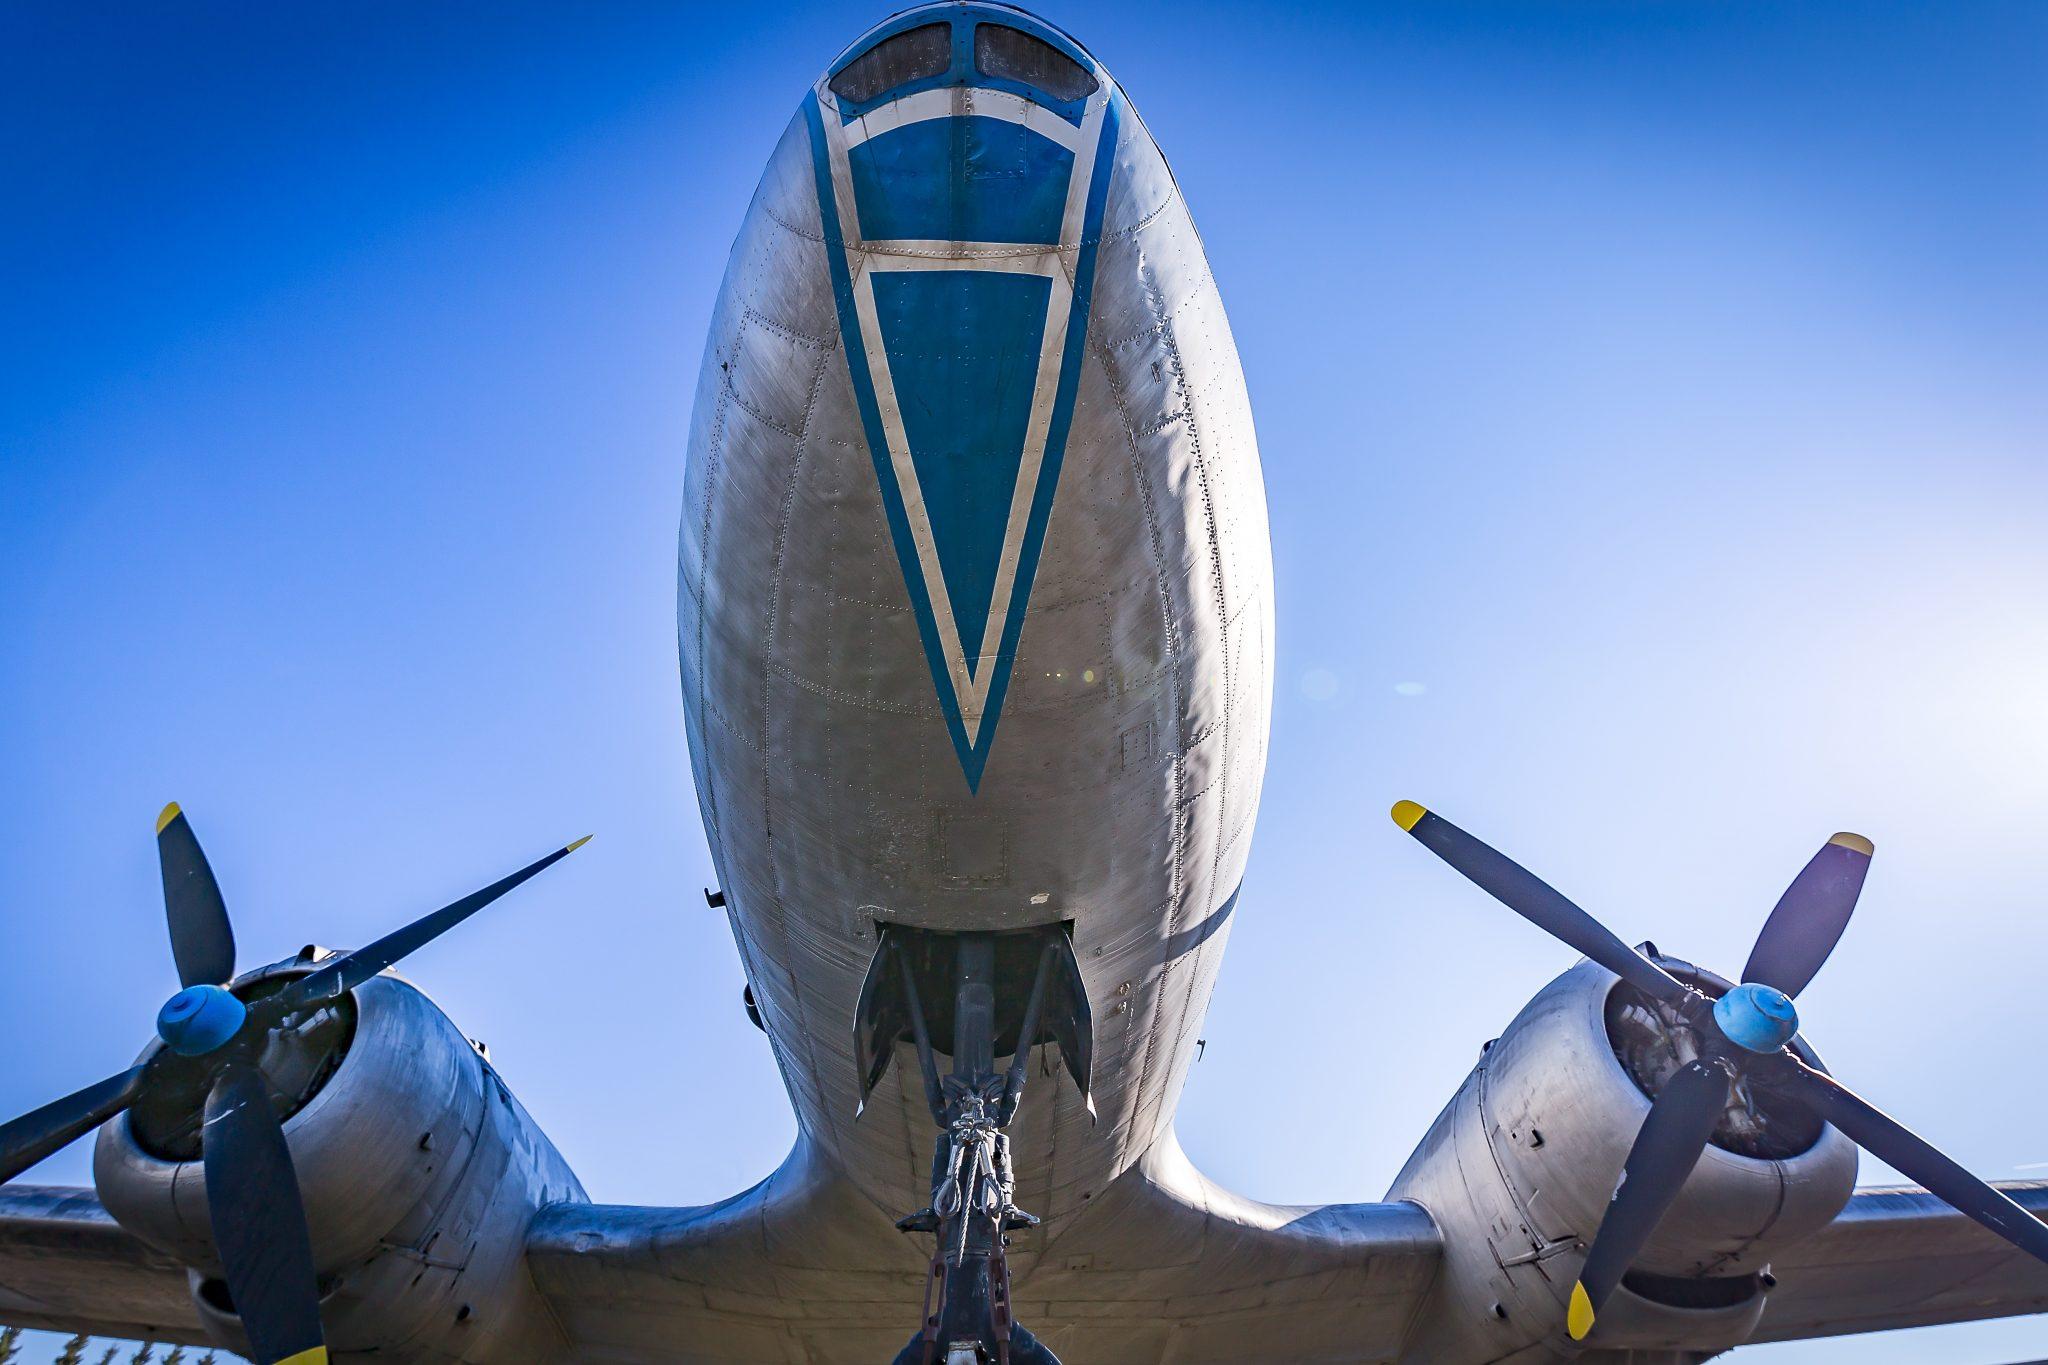 aircraft-3293262